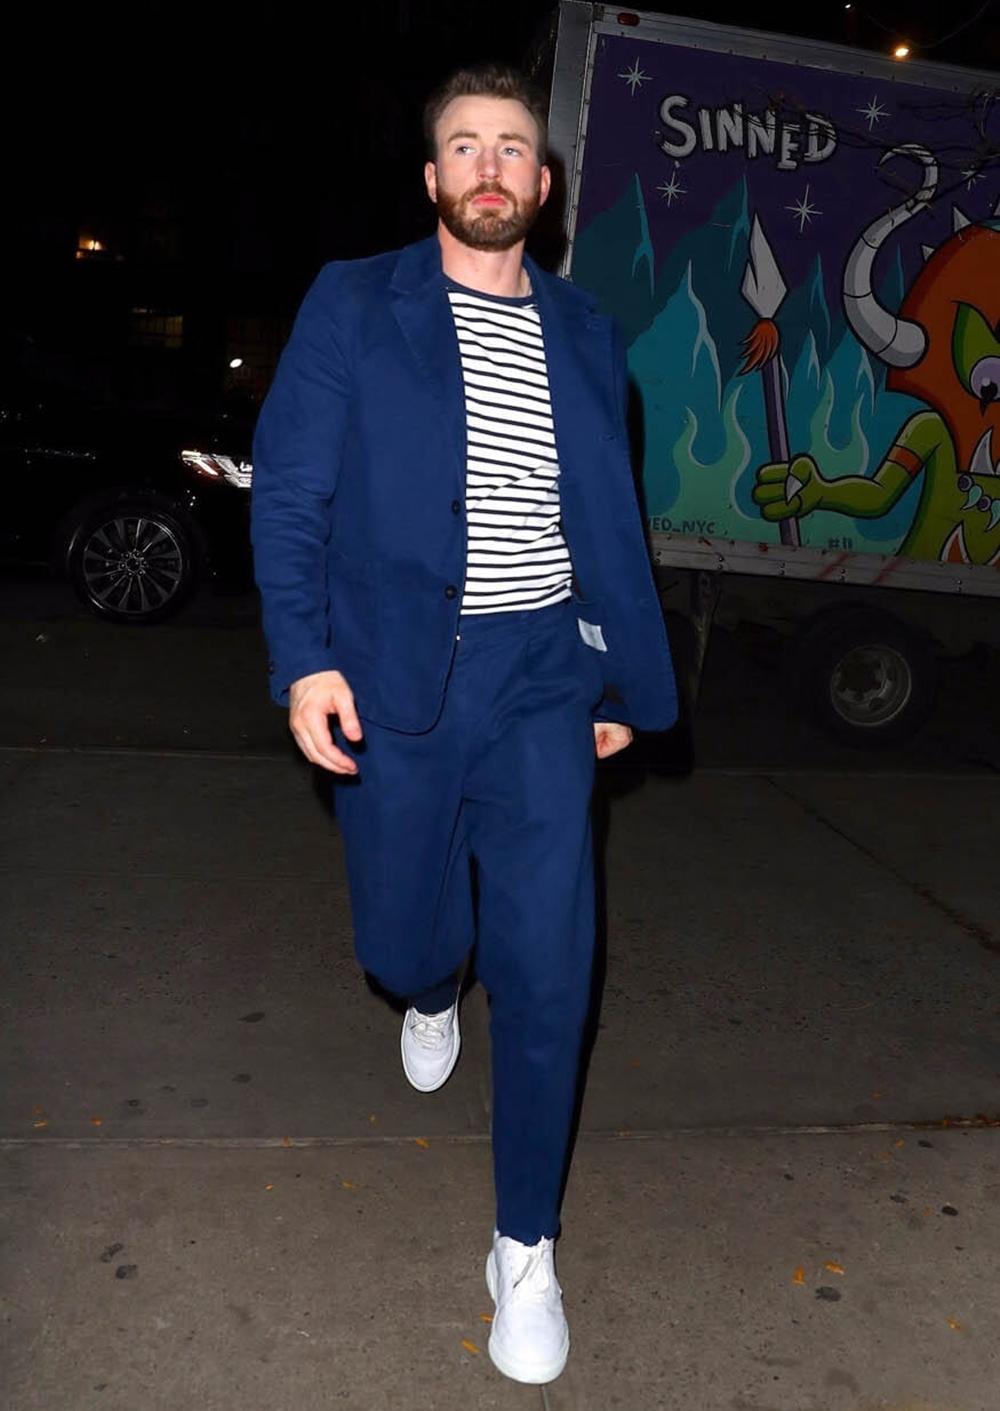 Trong show The Tonight Show Starring Jimmy Fallon cách đó vài ngày, Chris Evans ghi điểm phong cách với âu phục xanh, áo thun sọc, giày thể thao Philippe Model và đồng hồ IWC.